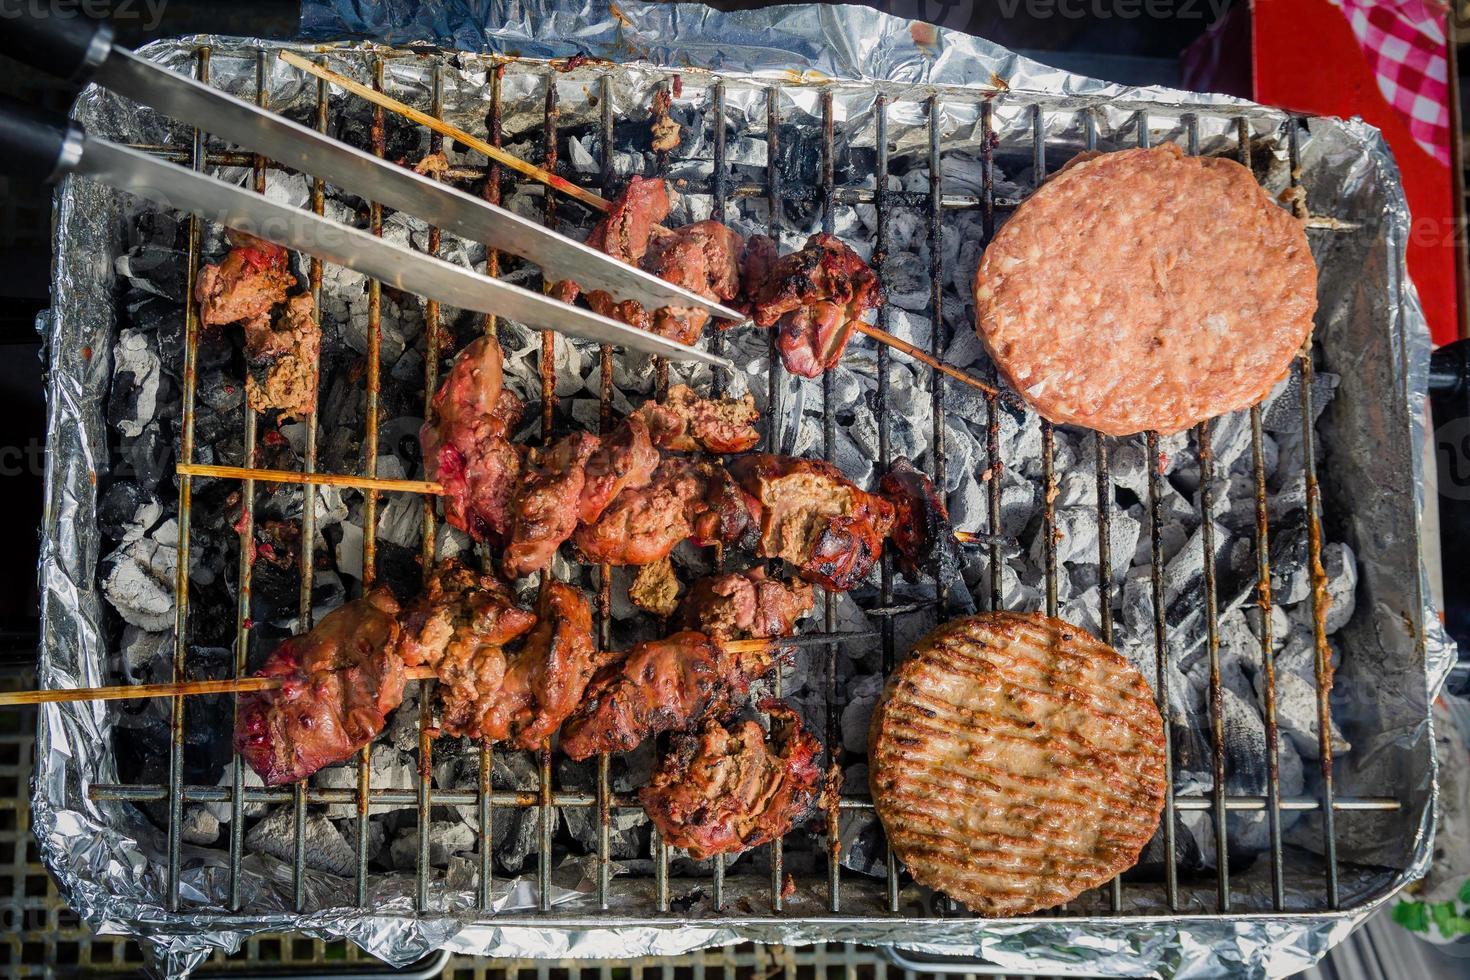 différents types de viande sont cuits sur le gril photo